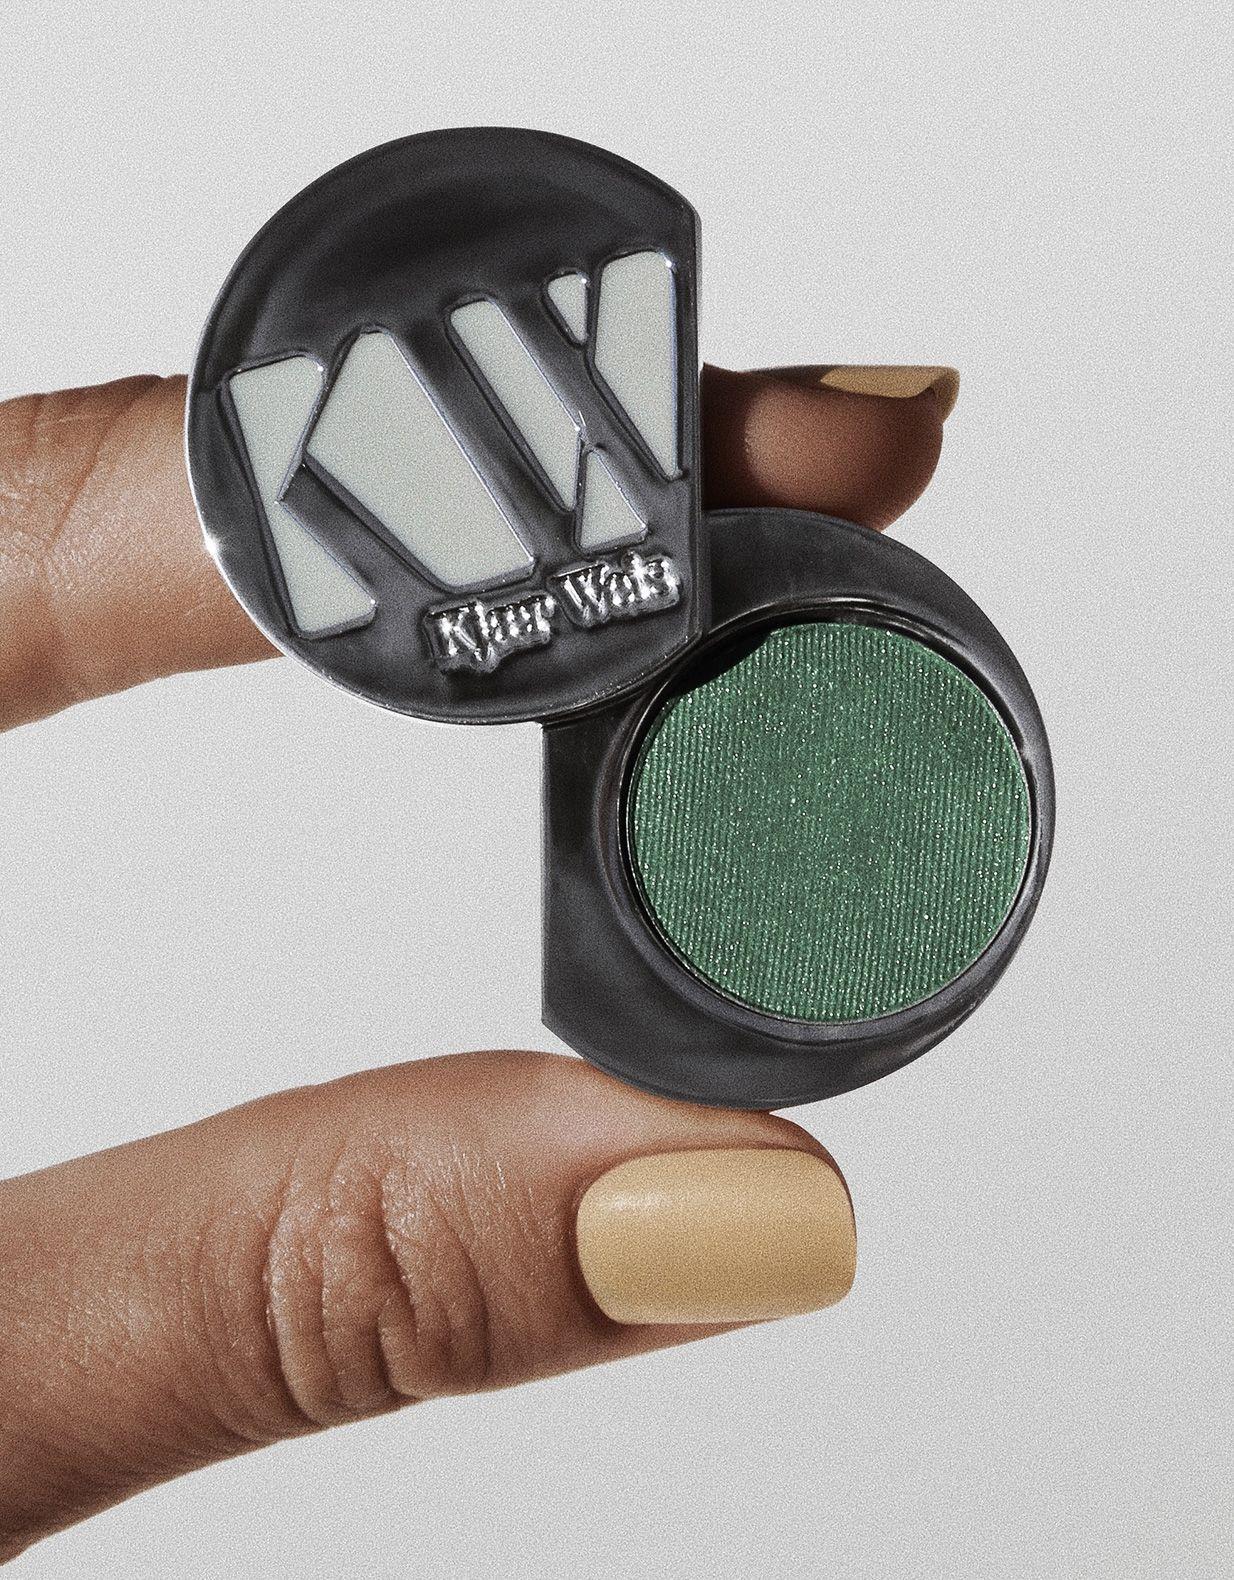 Kjaer Weis Eye Shadow Green Depth Eyeshadow, Cream